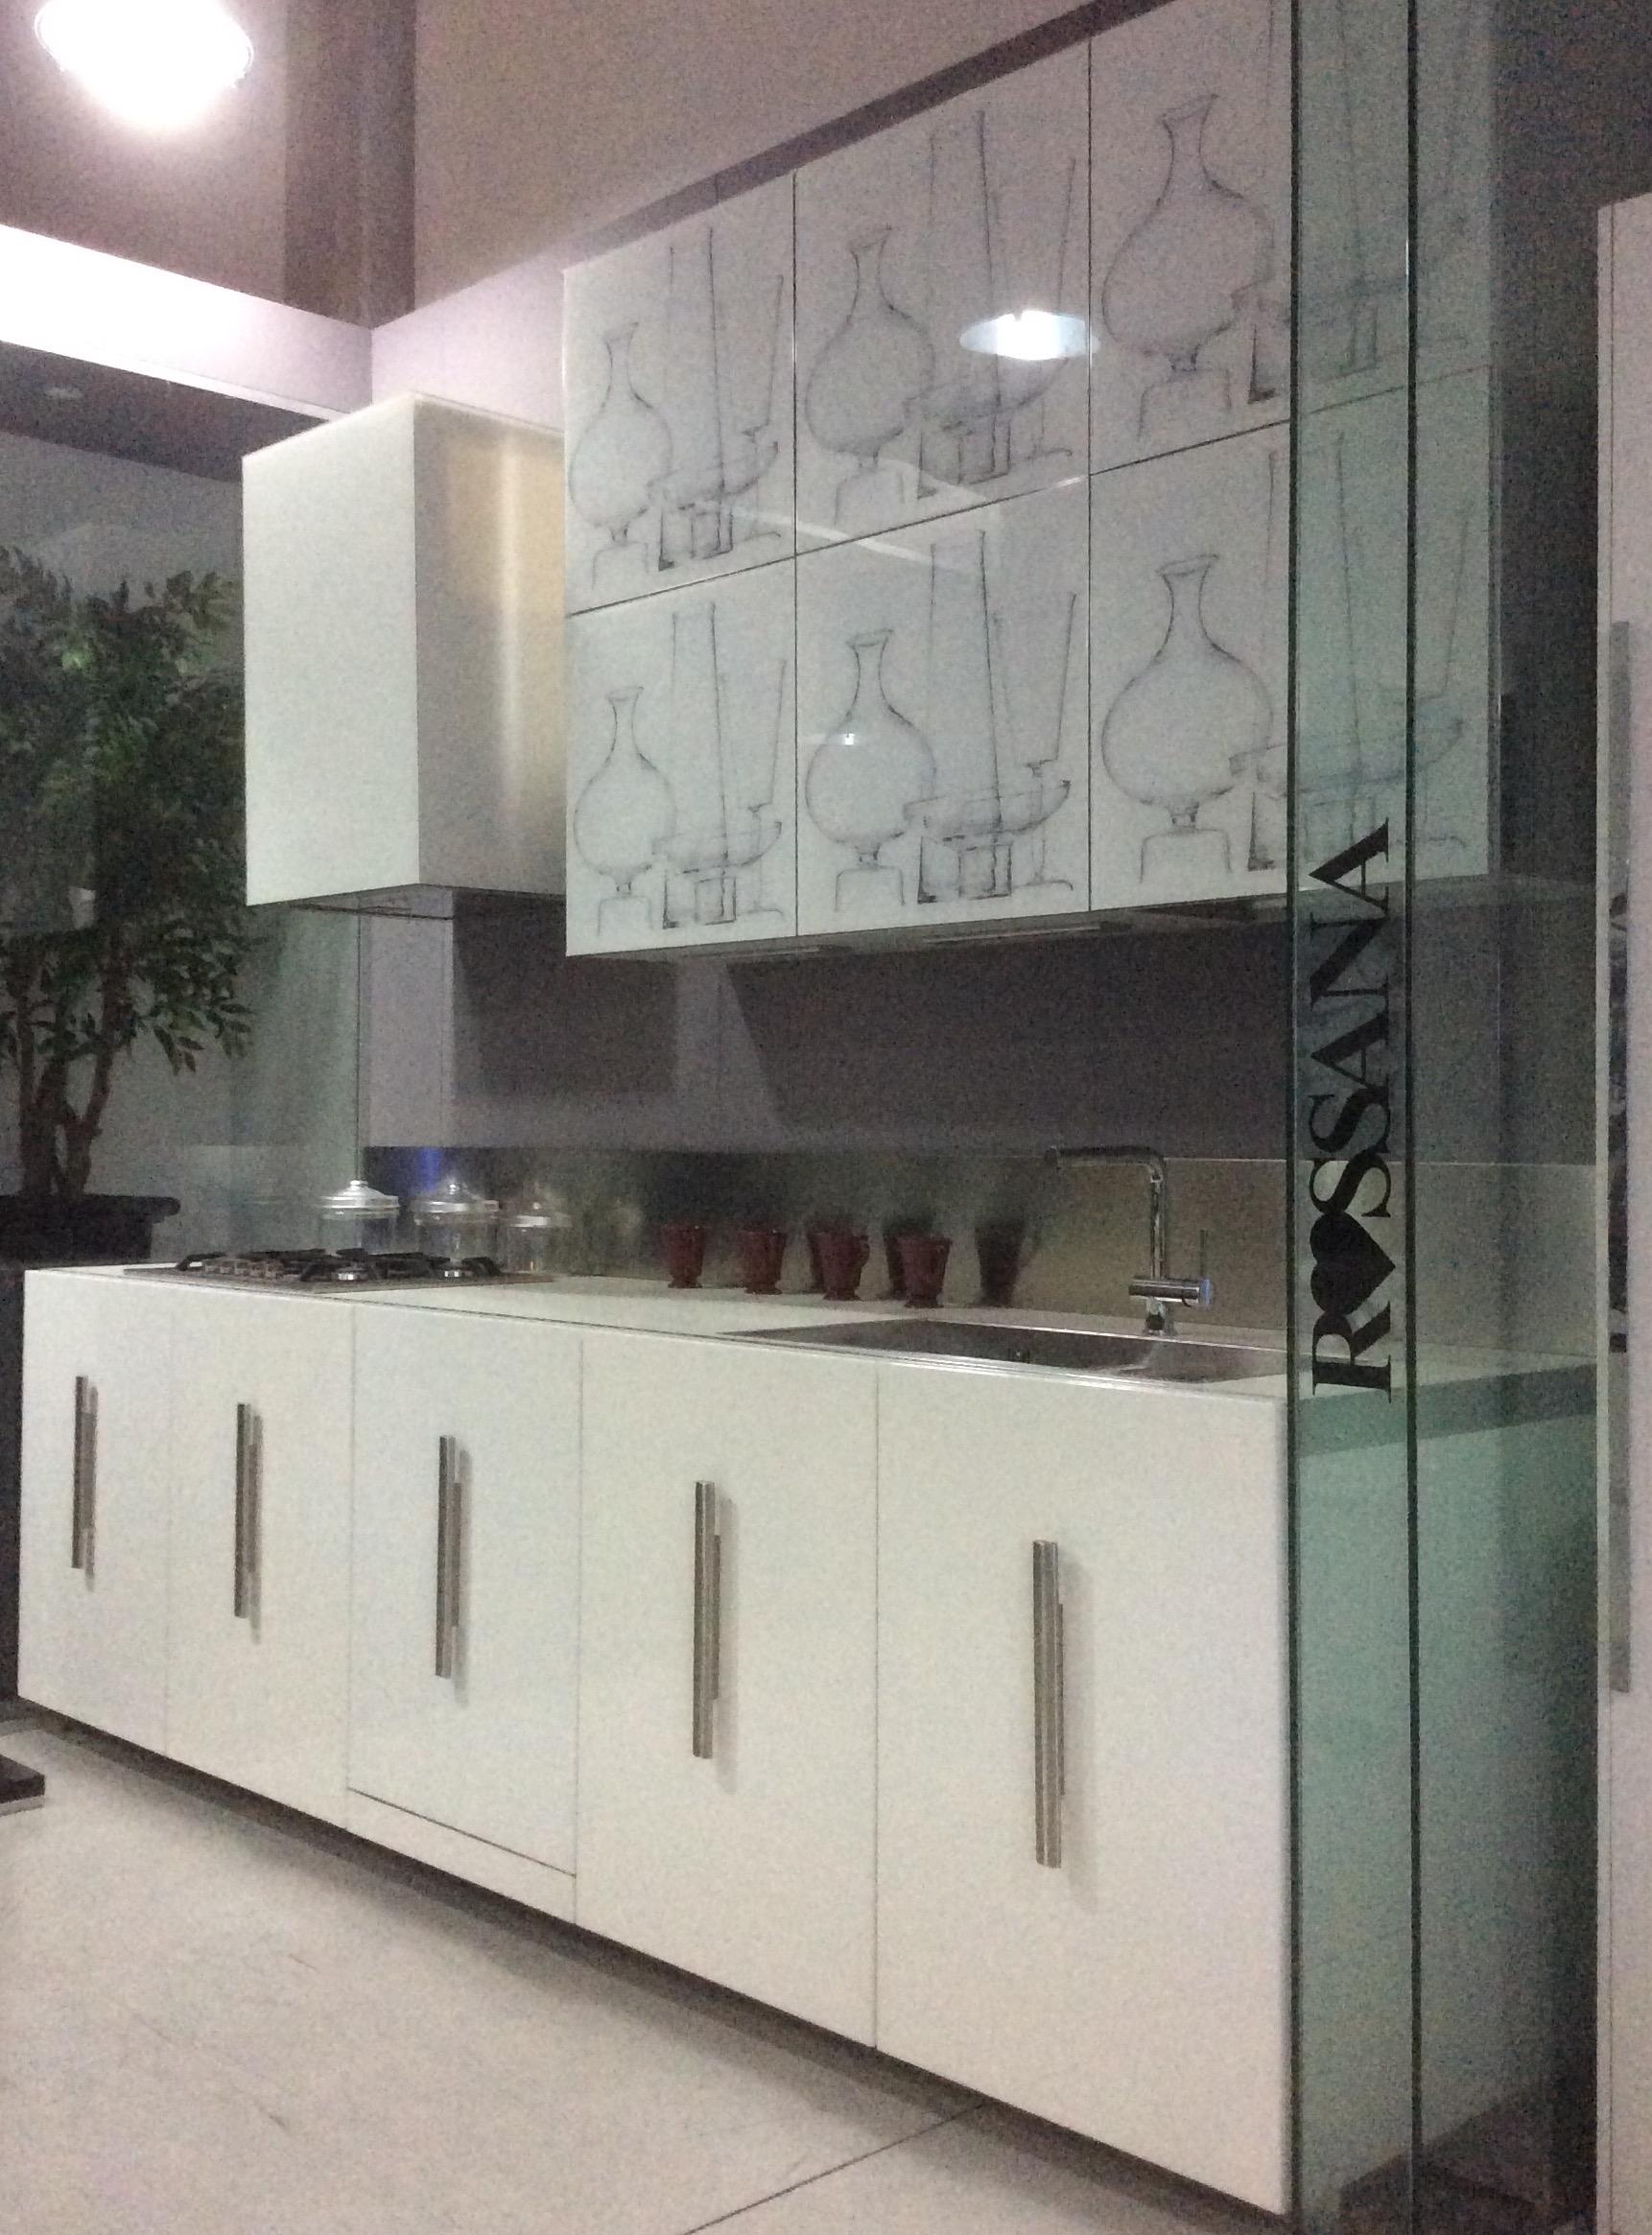 Cucina rb rossana etna vetro decoro design laccato - Rivestimento cucina vetro ...